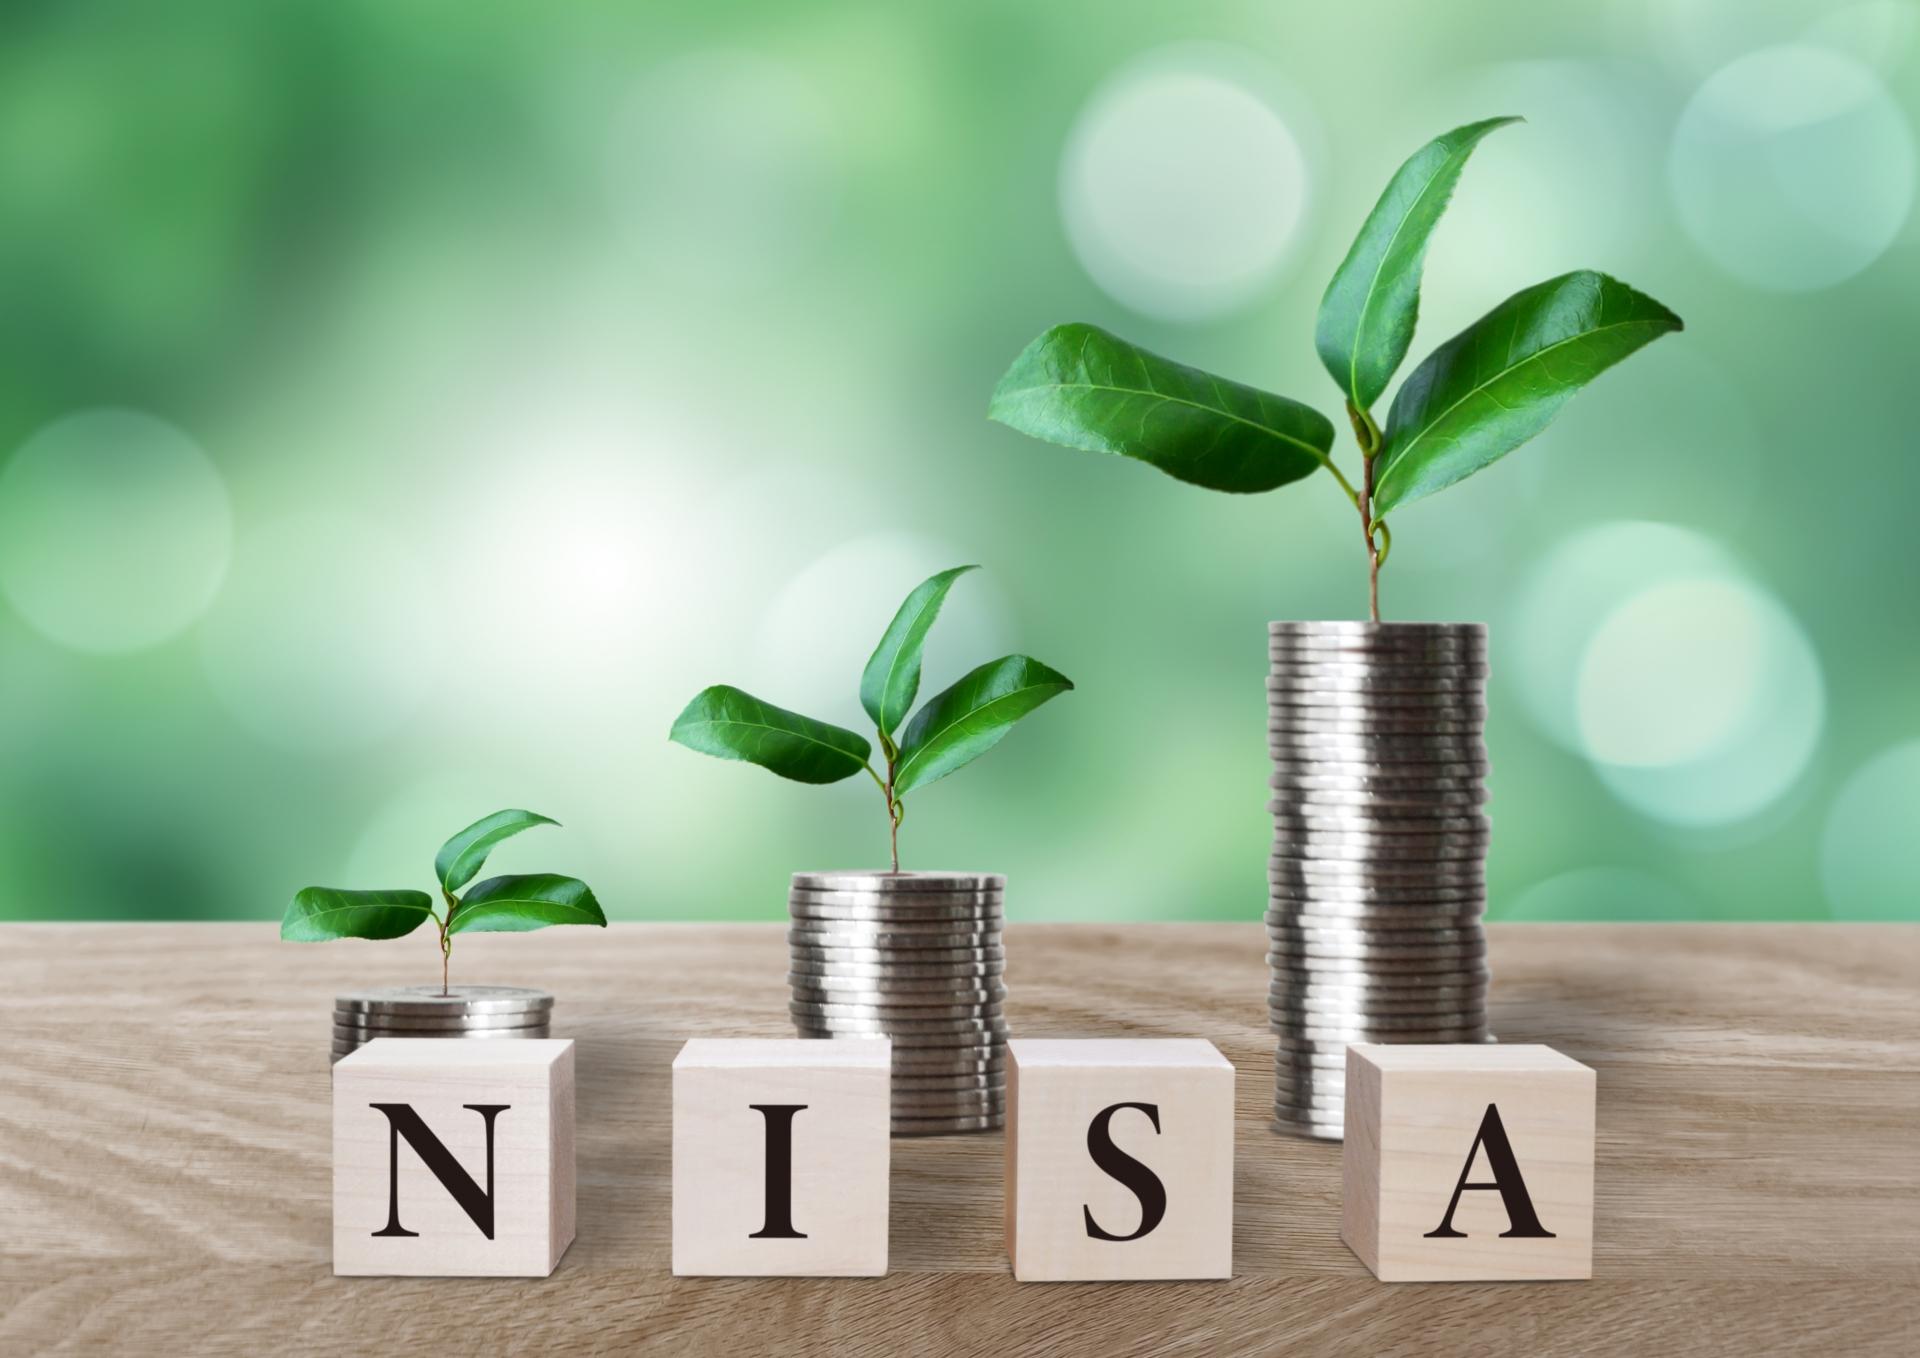 NISAのロールオーバーとは?する・しない選択のポイント【2020年版】